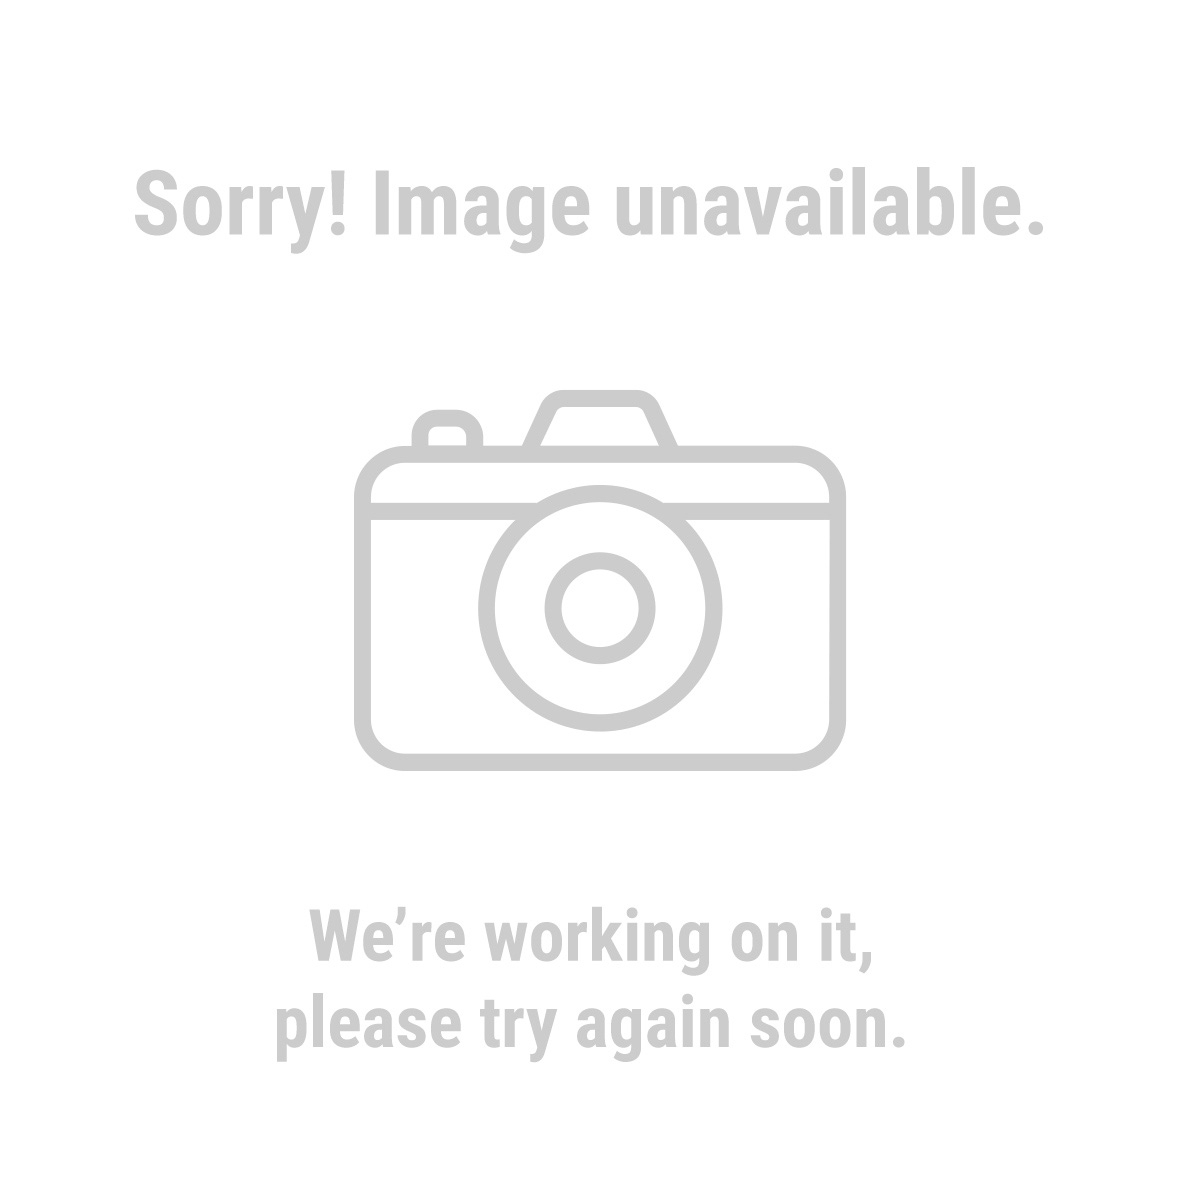 62375 Bigfoot Panel Wagon